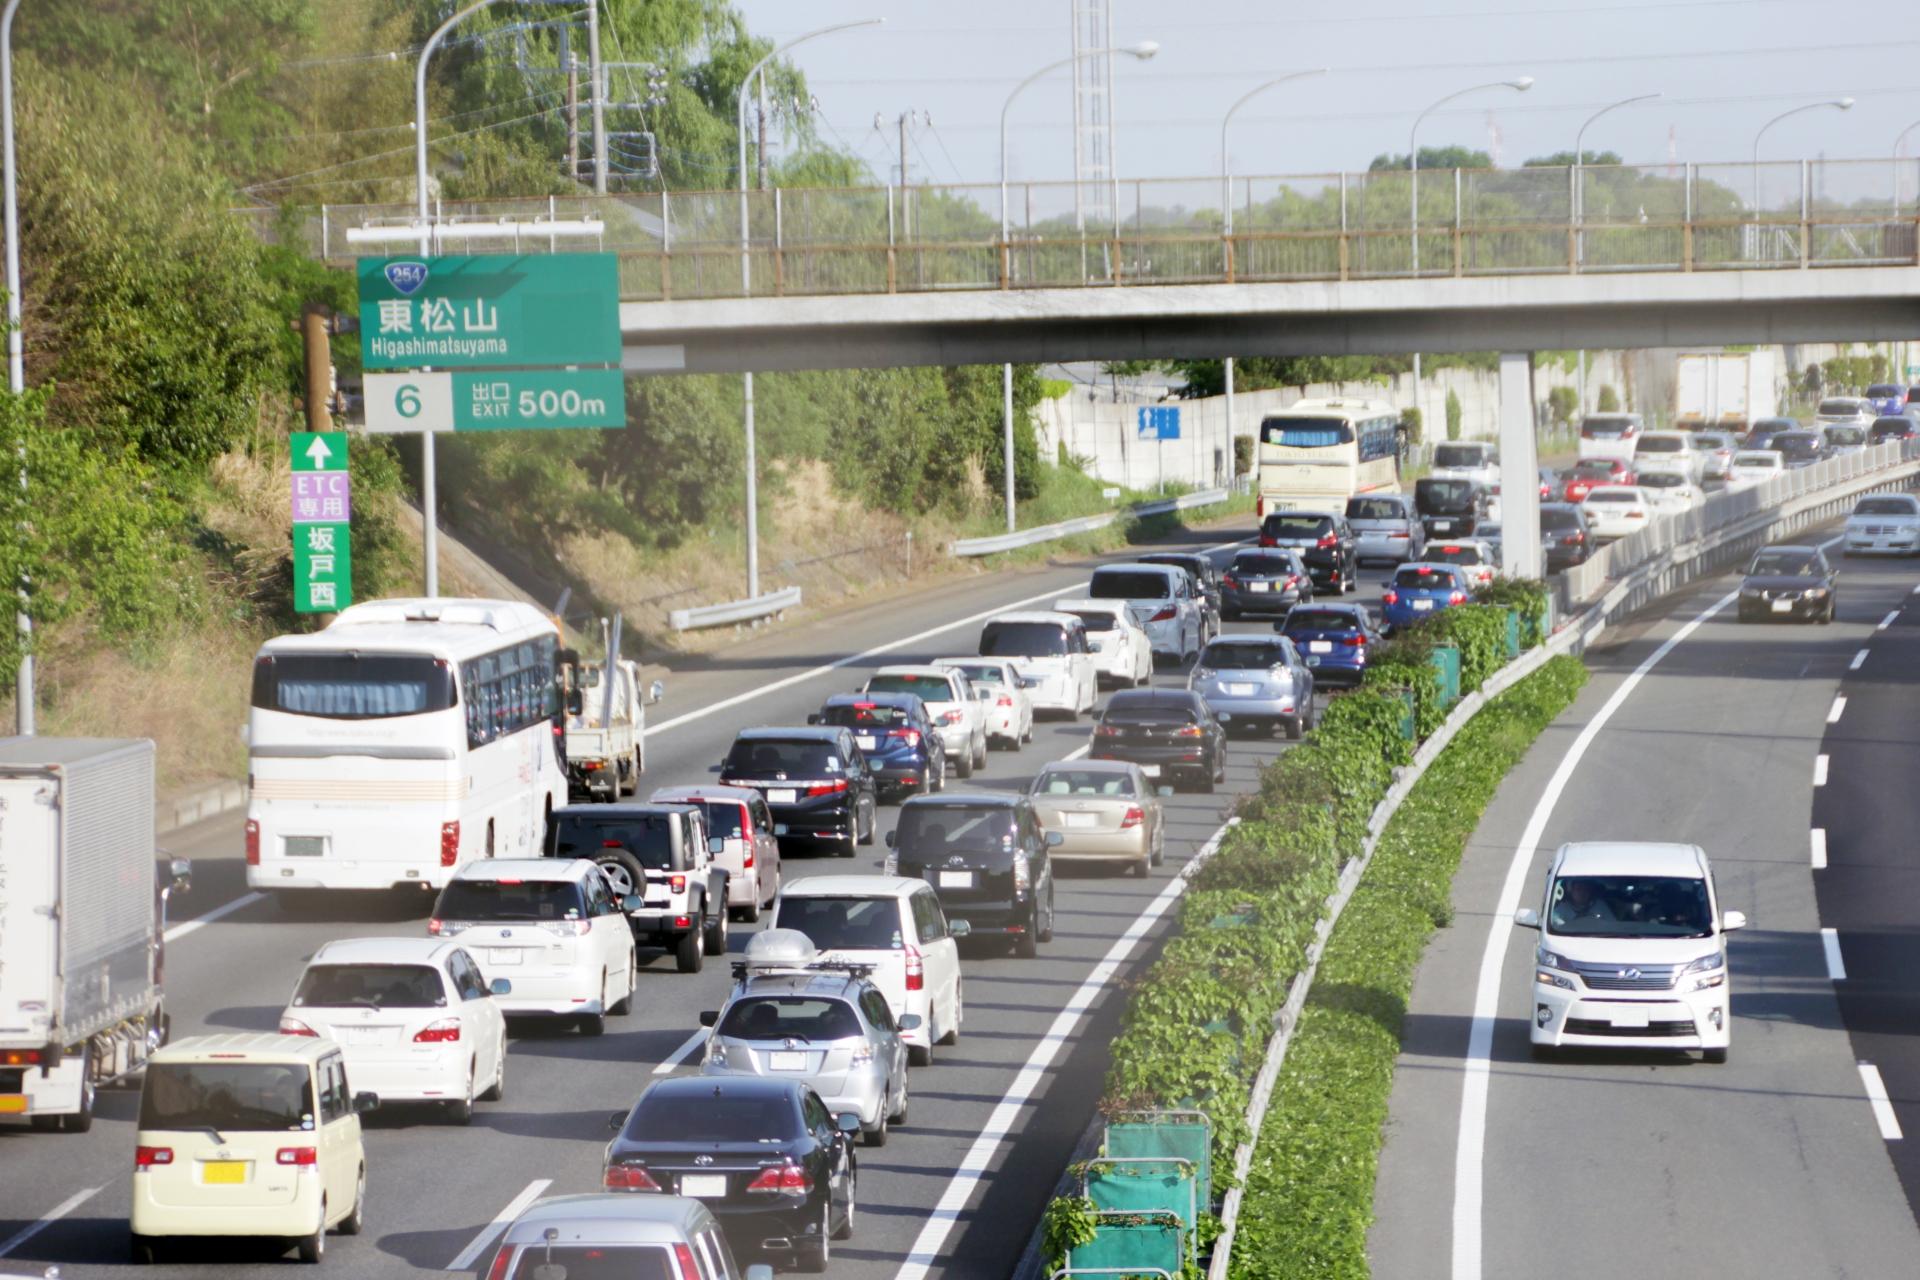 知っておくべき対処法、高速道路でガス欠になったらどうする?